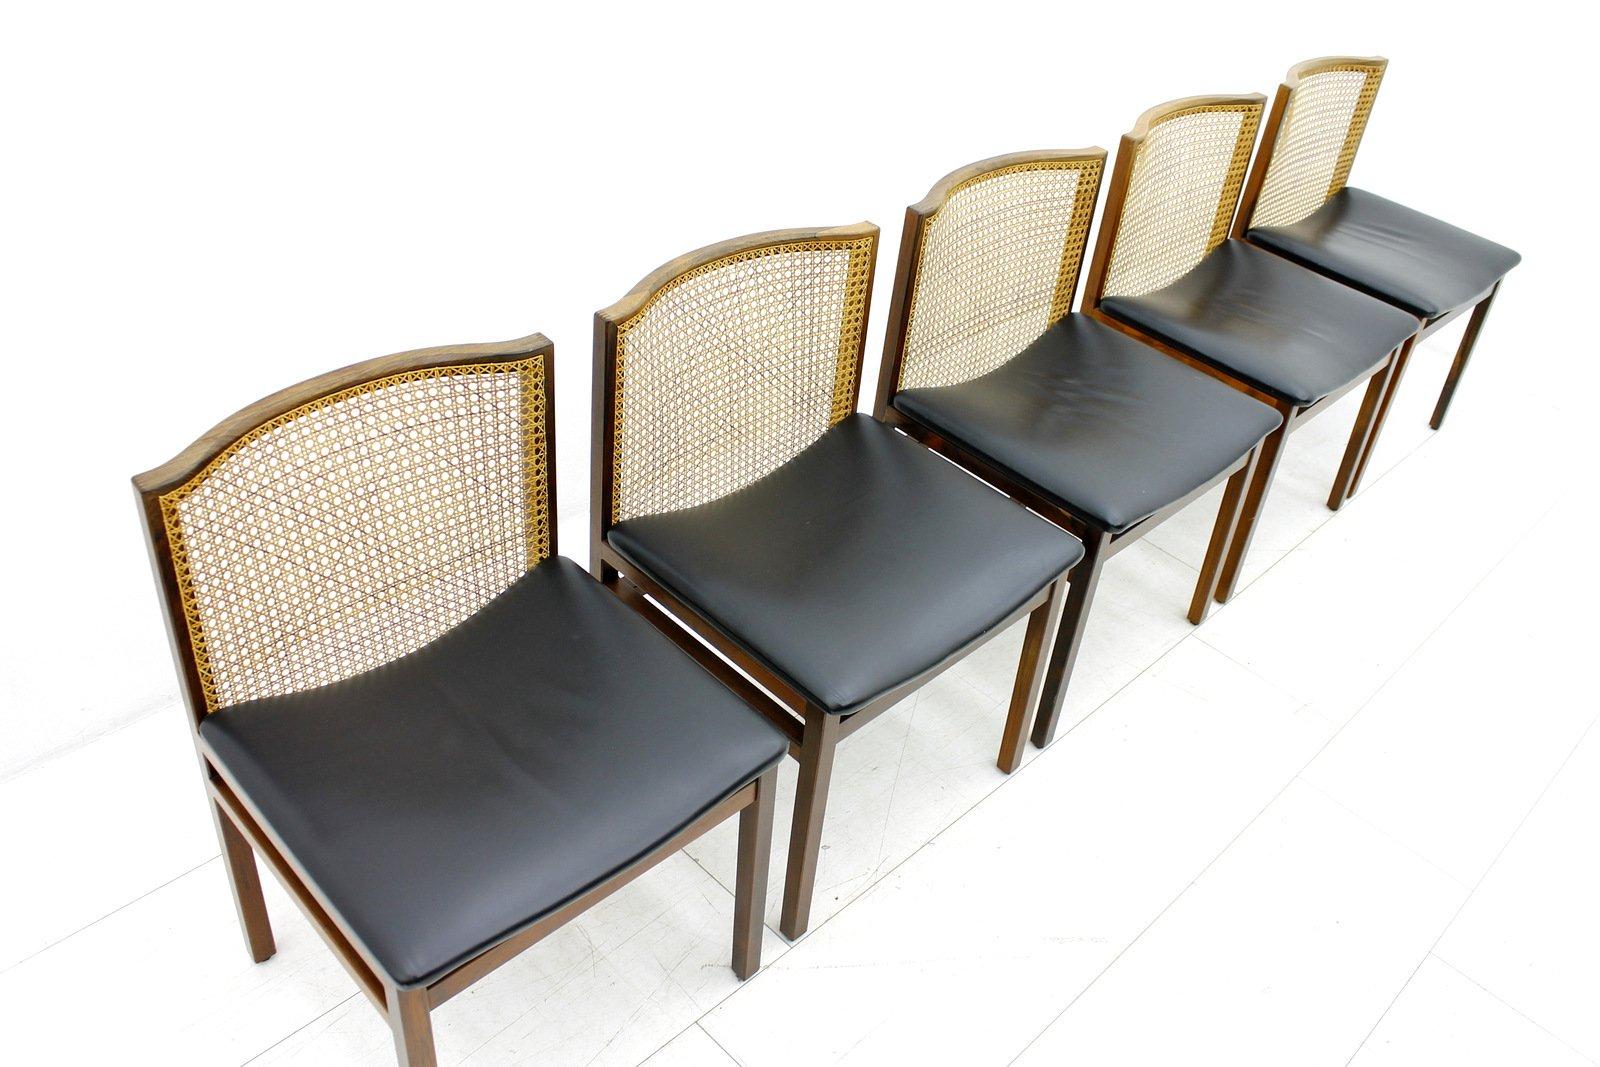 ikea esszimmerst hle leder. Black Bedroom Furniture Sets. Home Design Ideas